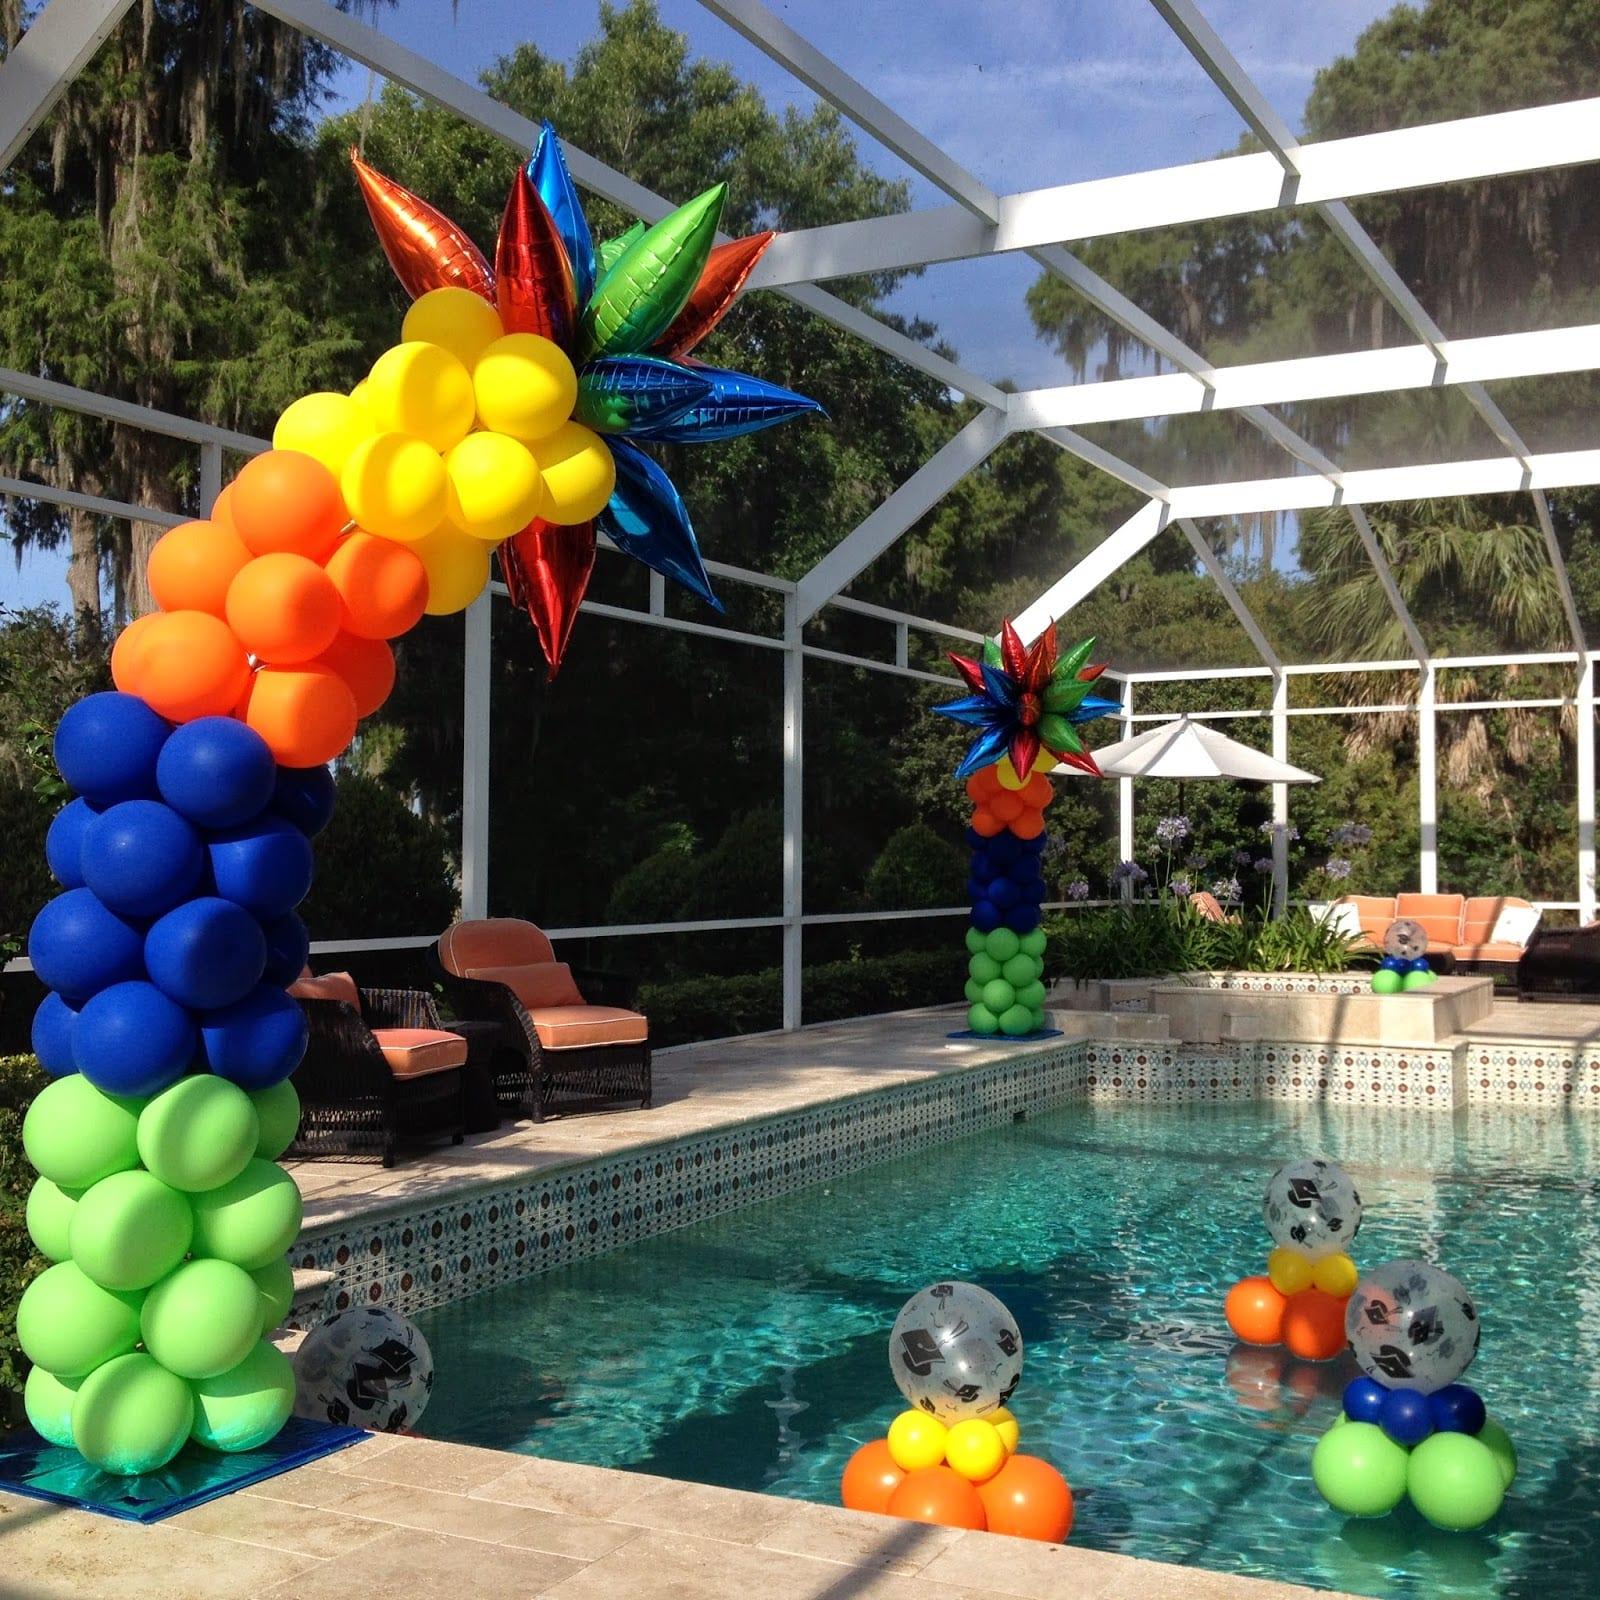 pool balloon decor tips